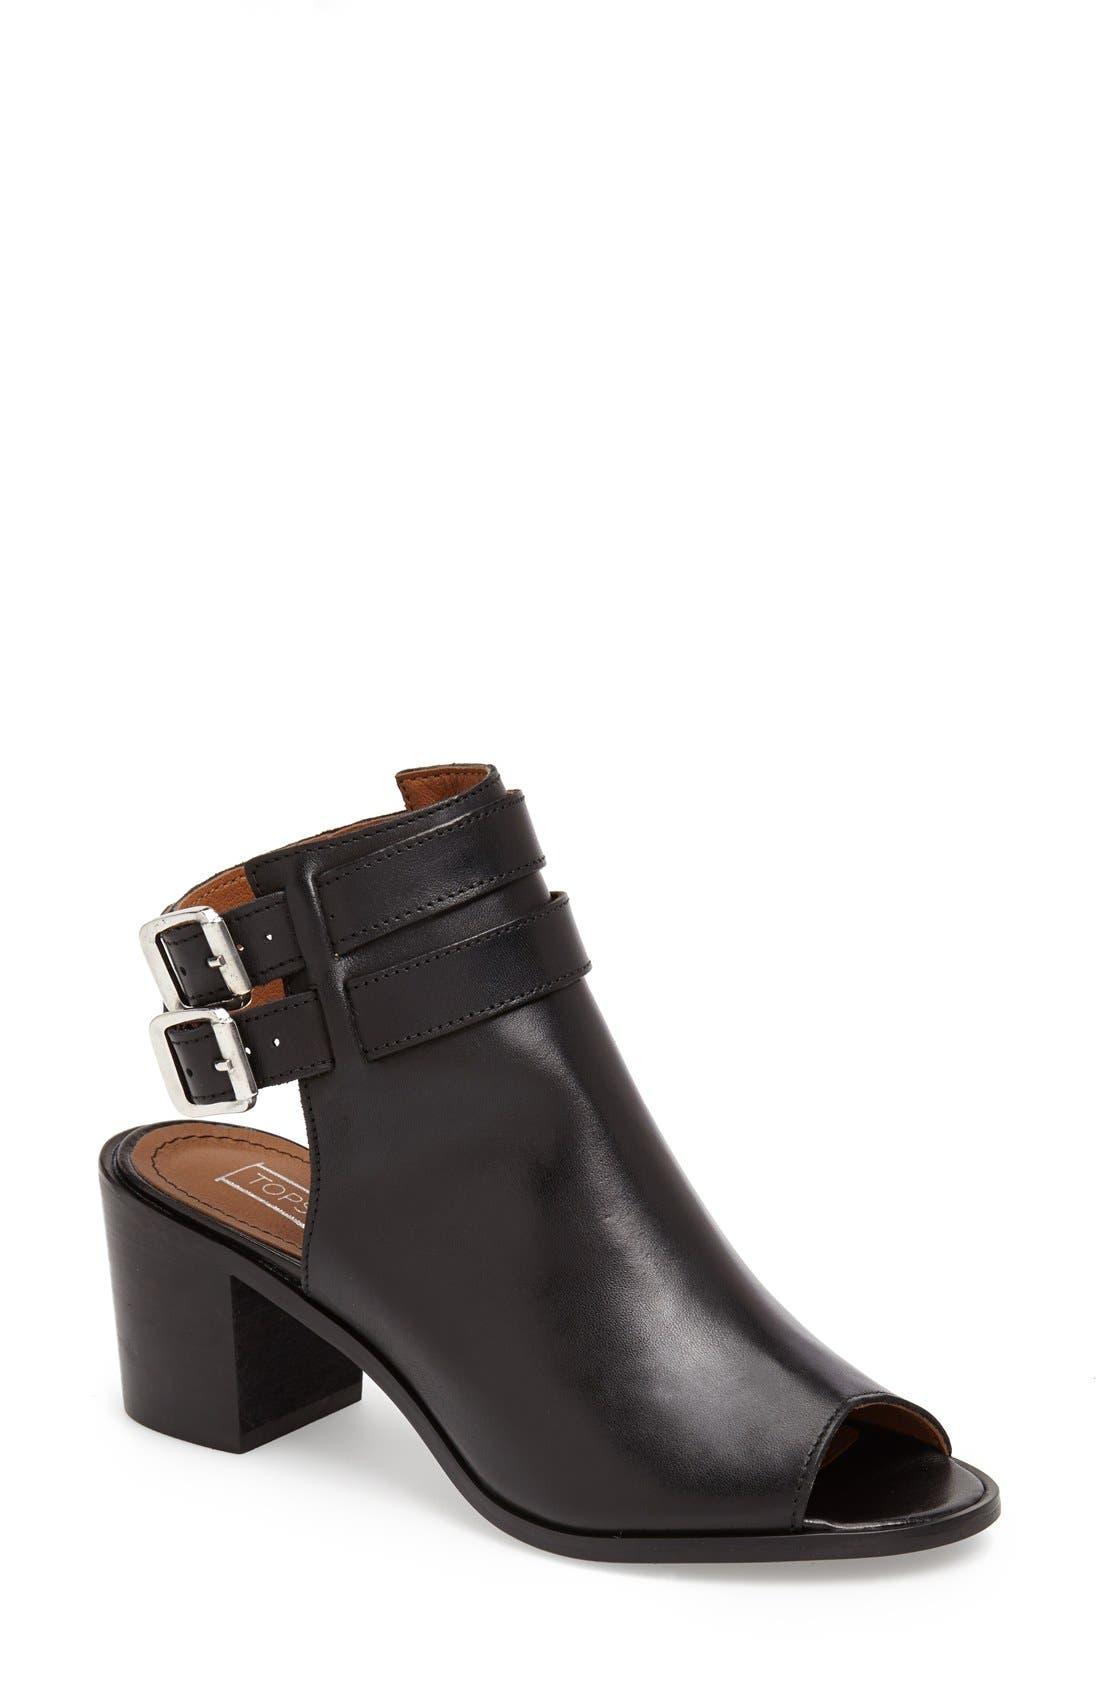 'Jolie' Bootie Sandal,                         Main,                         color, Black